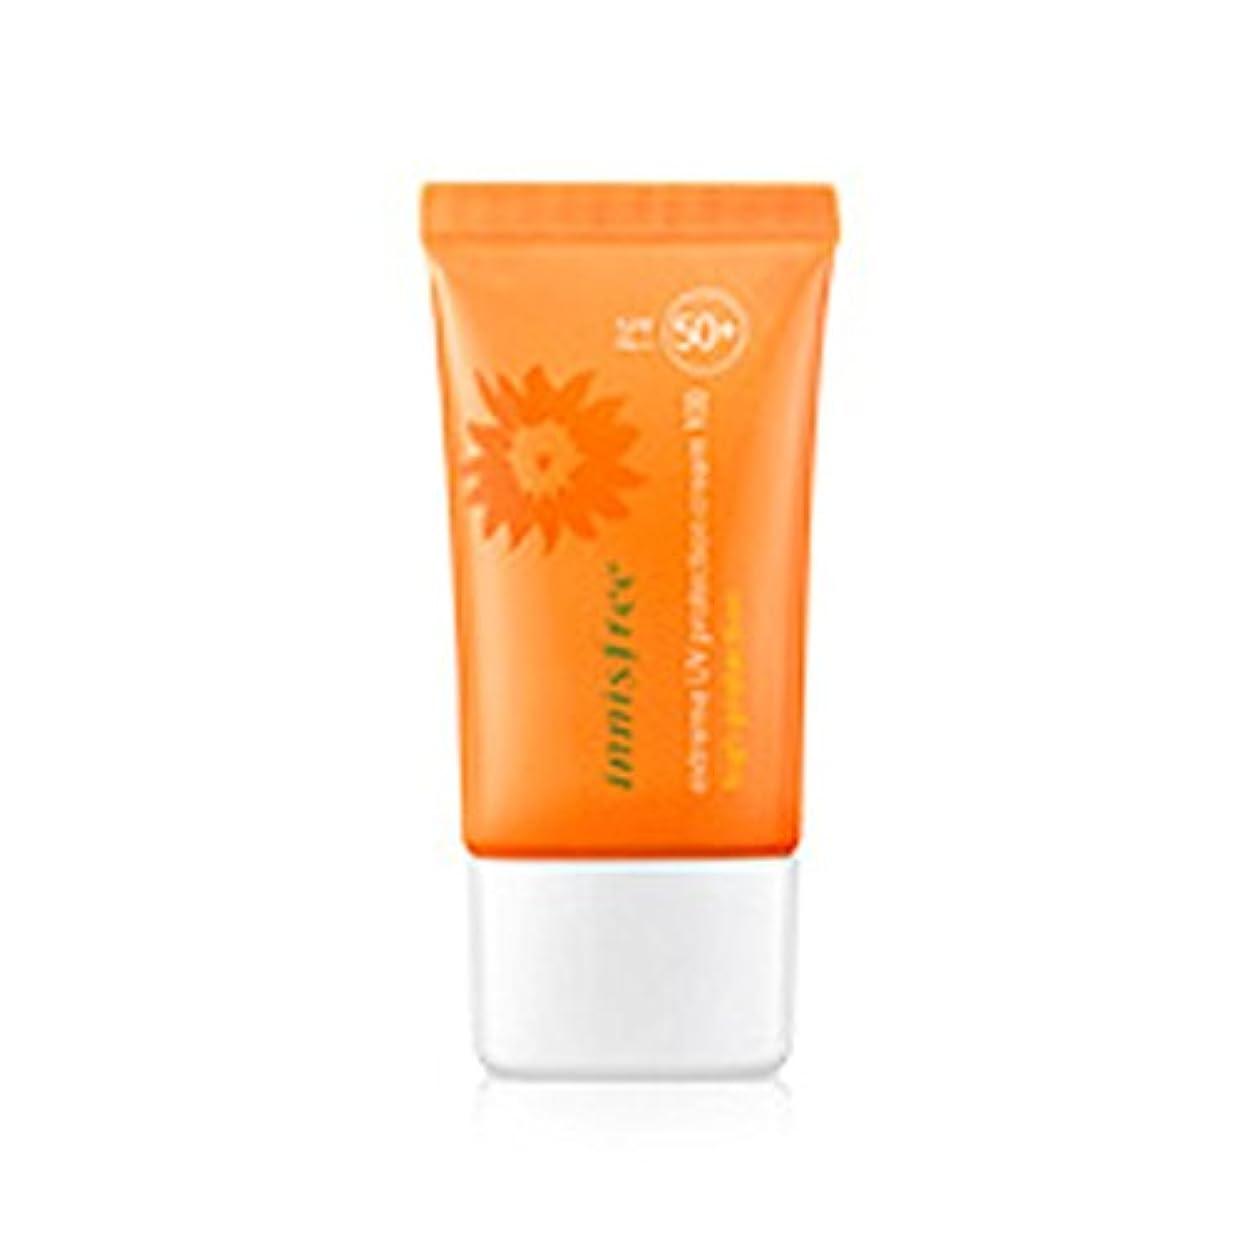 家畜雨ナットイニスフリーエクストリームUVプロテクションクリーム100ハイプロテクション50ml   SPF50 + PA +++ Innisfree Extreme UV Protection Cream100 High Protection...